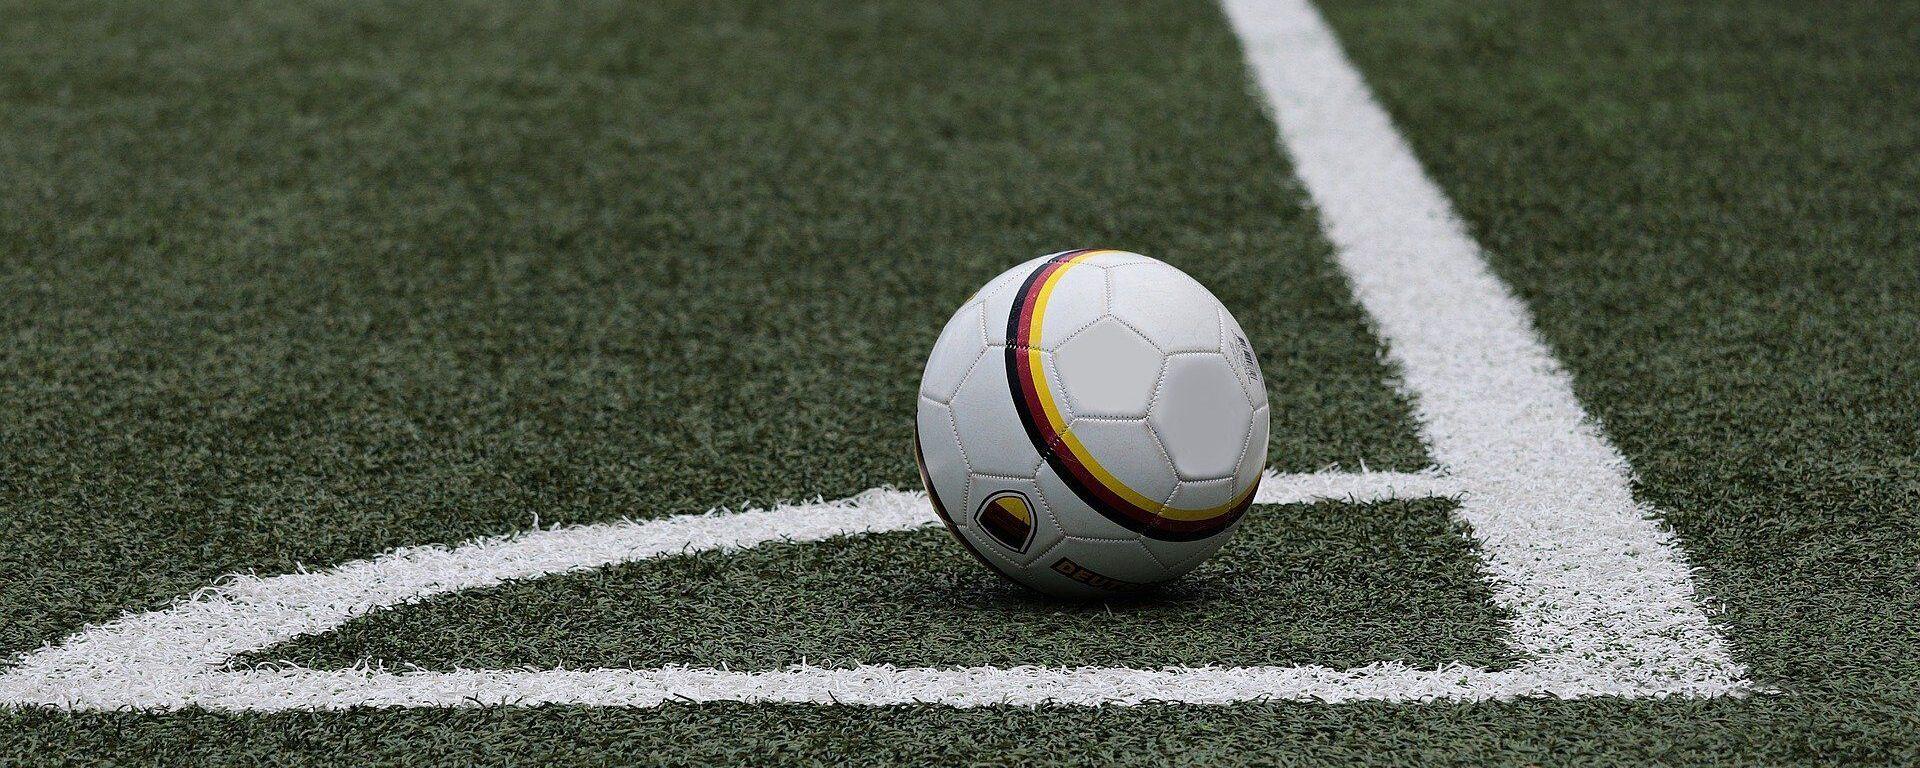 Una cancha de fútbol, referencial - Sputnik Mundo, 1920, 21.05.2021